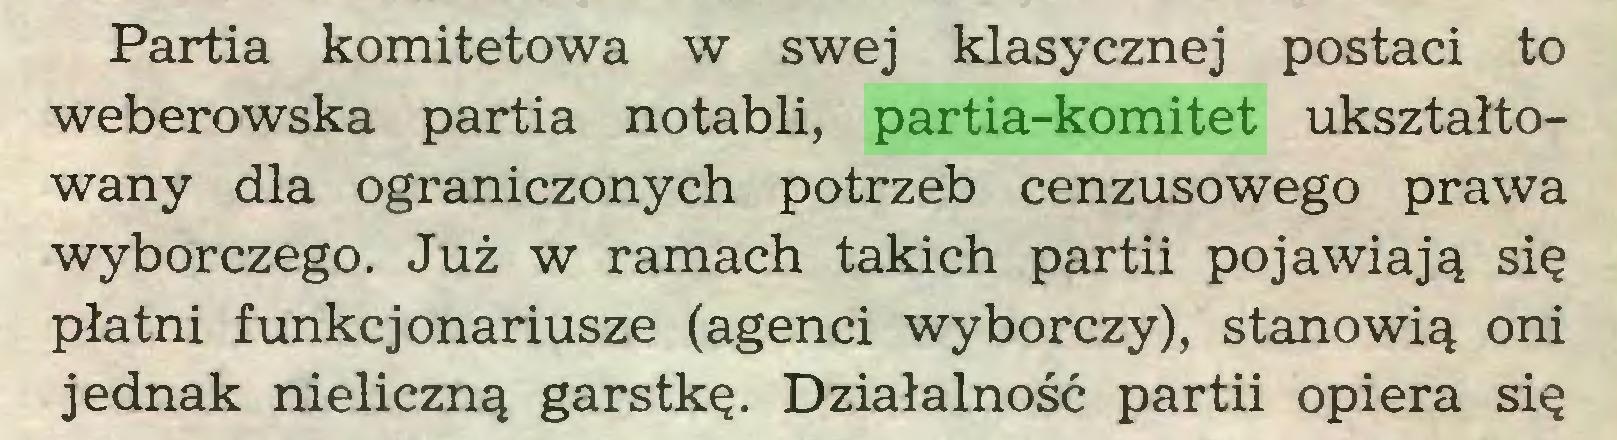 (...) Partia komitetowa w swej klasycznej postaci to weberowska partia notabli, partia-komitet ukształtowany dla ograniczonych potrzeb cenzusowego prawa wyborczego. Już w ramach takich partii pojawiają się płatni funkcjonariusze (agenci wyborczy), stanowią oni jednak nieliczną garstkę. Działalność partii opiera się...